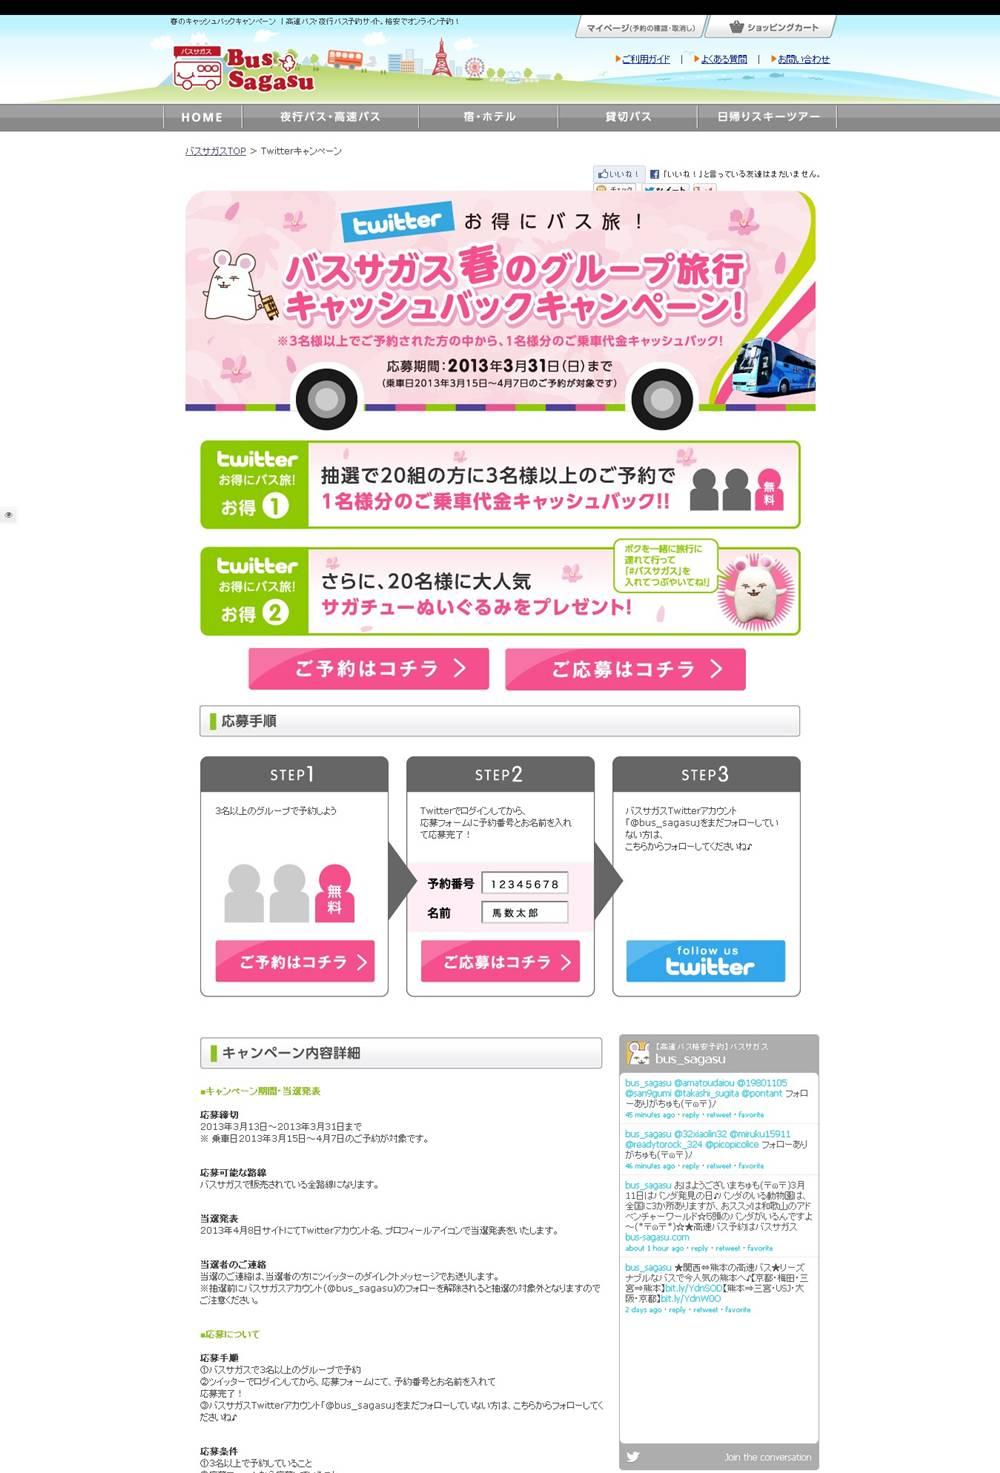 『バスサガス』 「お得にバス旅!春のグループ旅行キャッシュバックtwitterキャンペーン!」実施のお知らせ